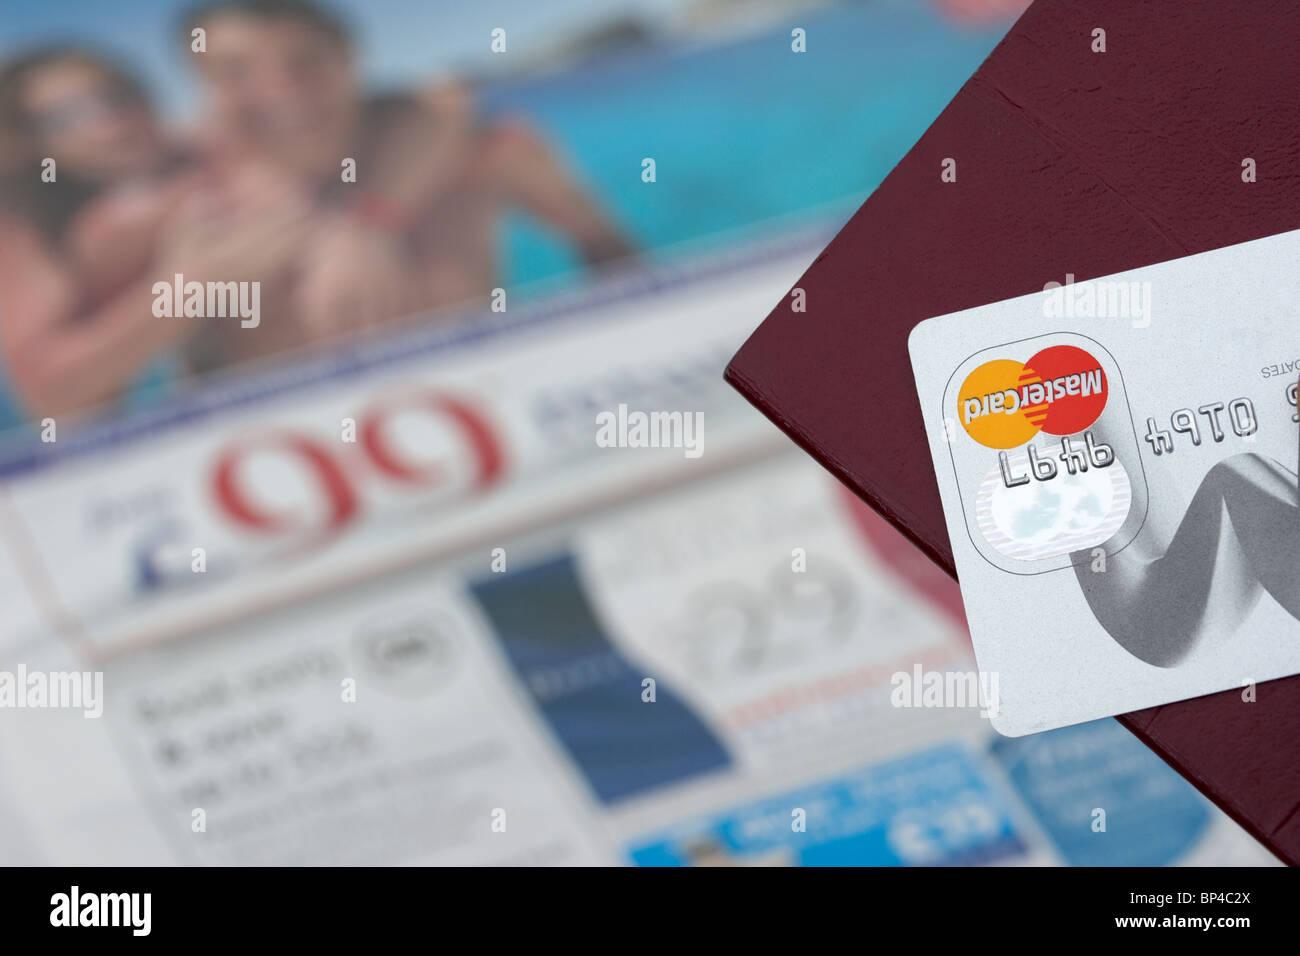 Passaporto ue e platino carta di credito oltre la sezione viaggi annunci in un giornale Immagini Stock